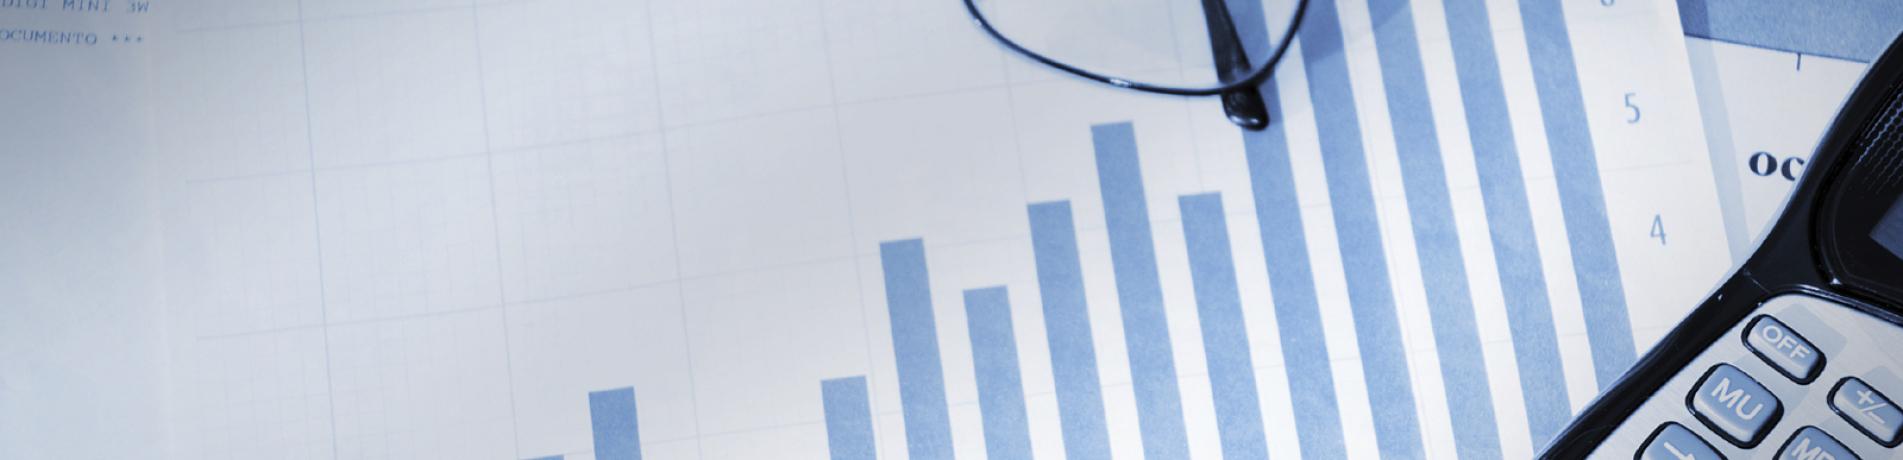 Umsatzsteuer berechnen: Diagramm